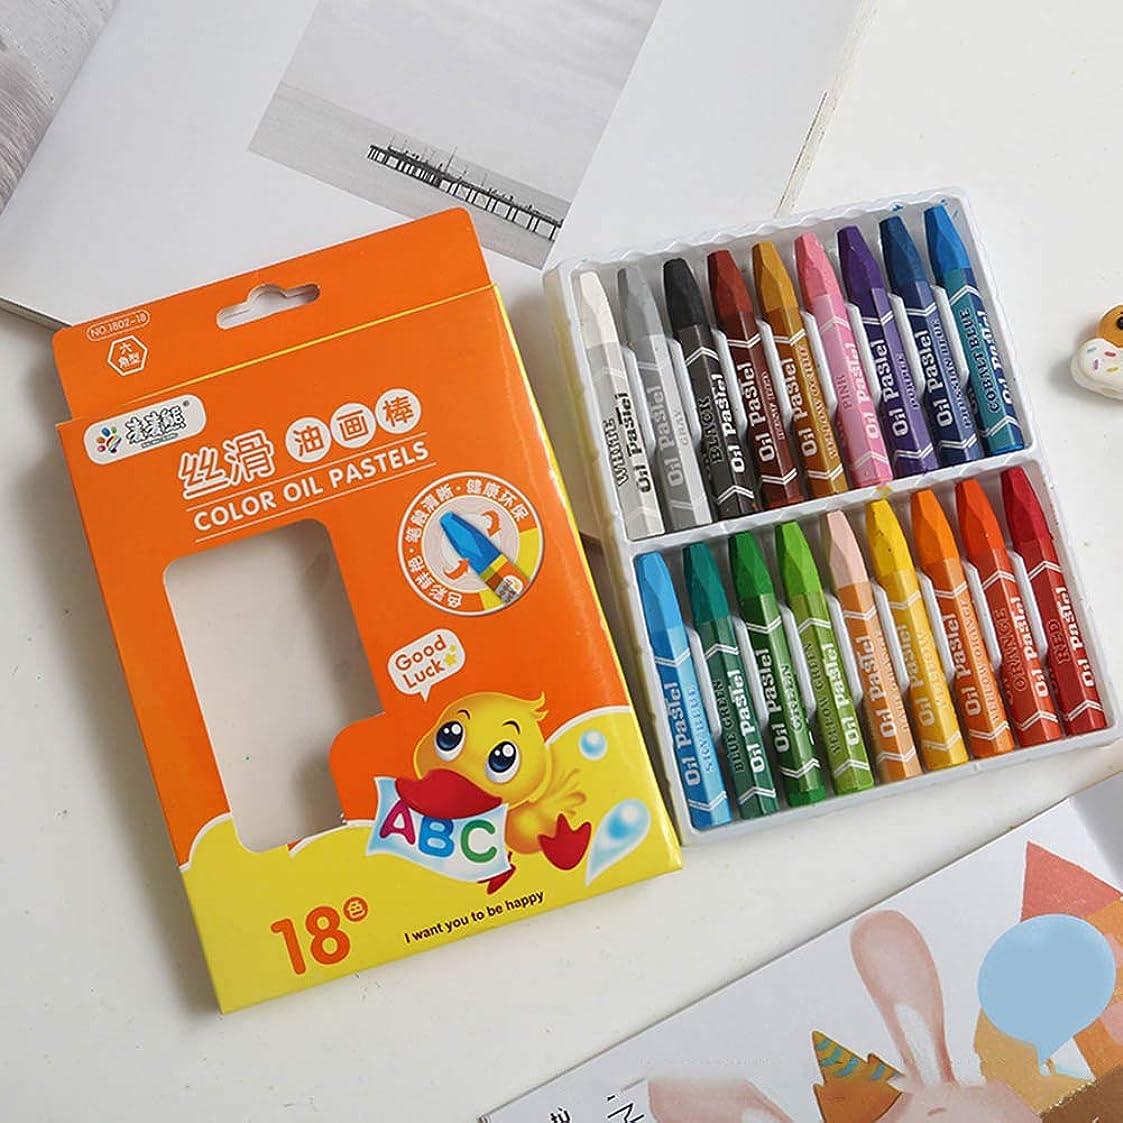 ふさわしい不完全な甘いnuyutr クレヨン カラーペン おもちゃ 絵の具 文房具 繰り出し式 塗り絵 描き用 子供用 入園 かわいい 入学お祝い プレゼント(18色)